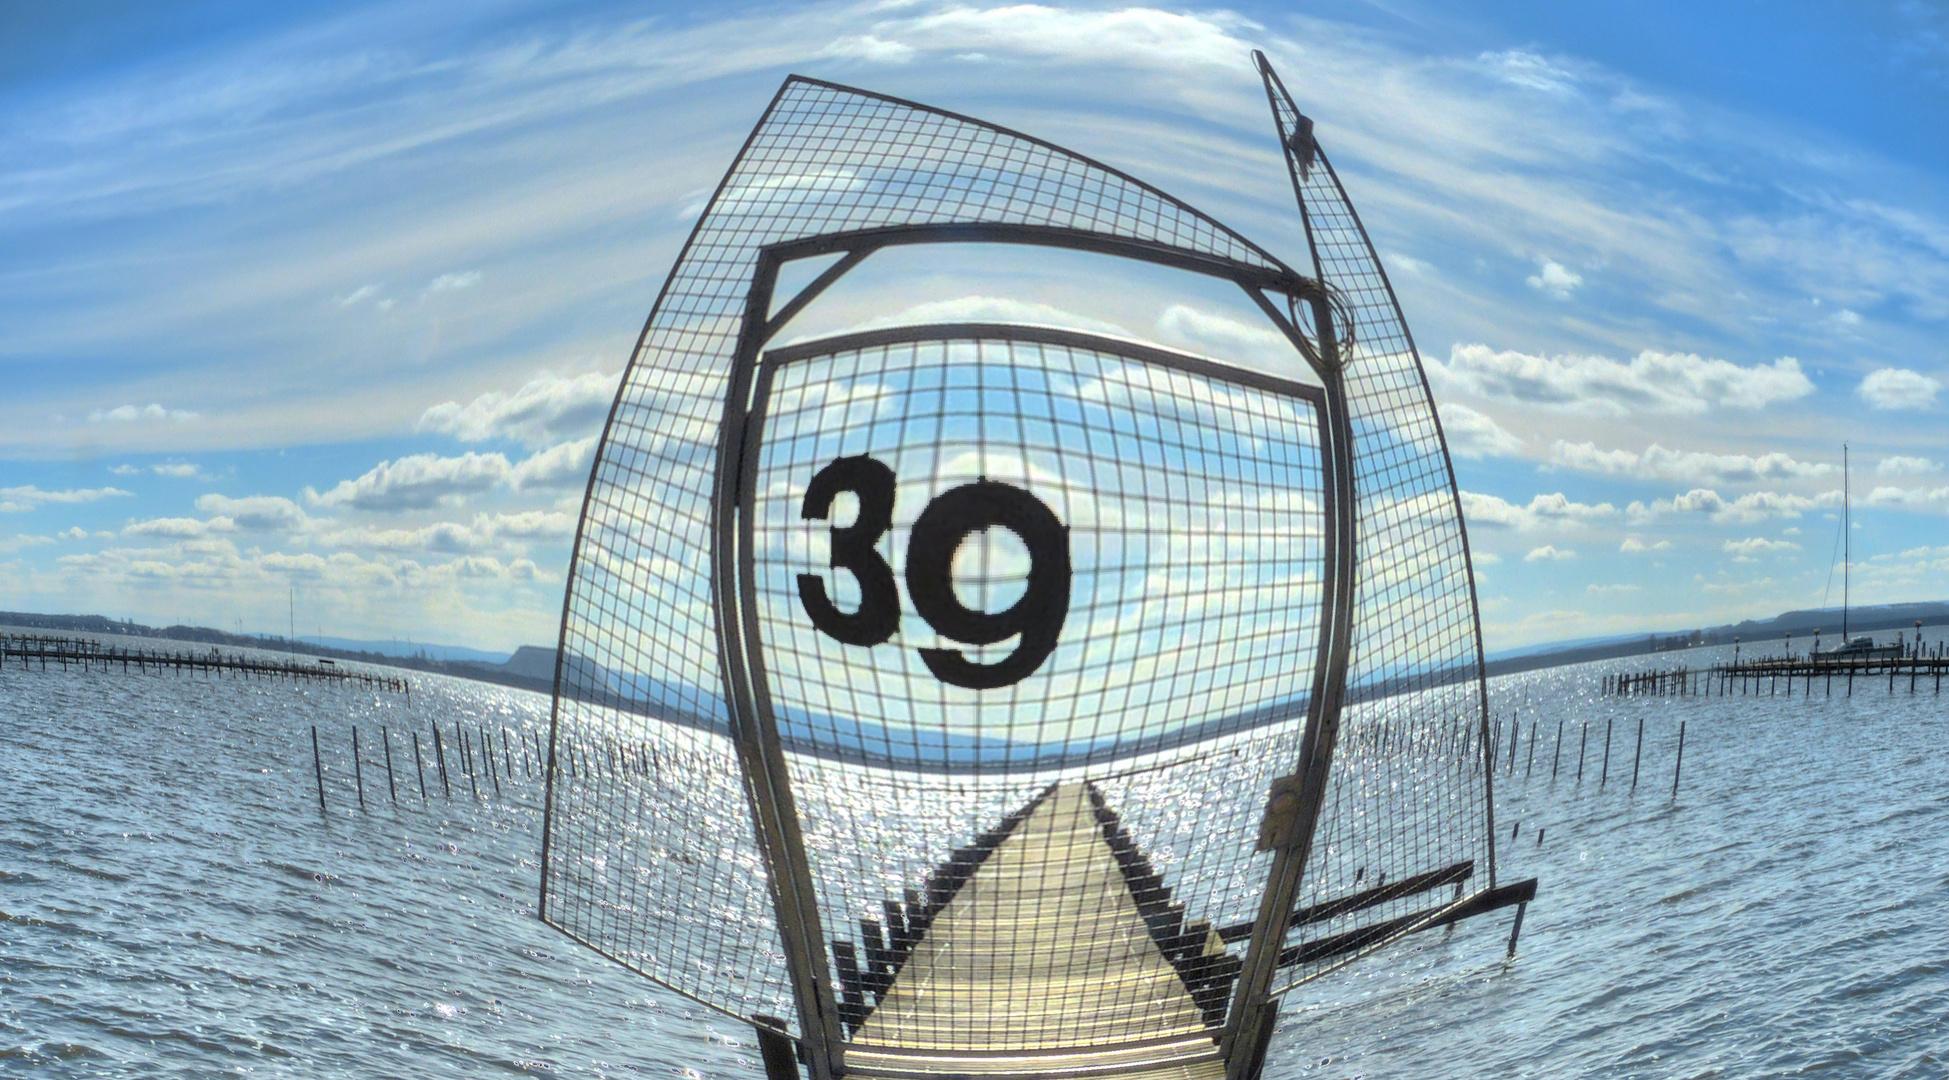 Fisheye Bild vom Steg mit der Nr. 39